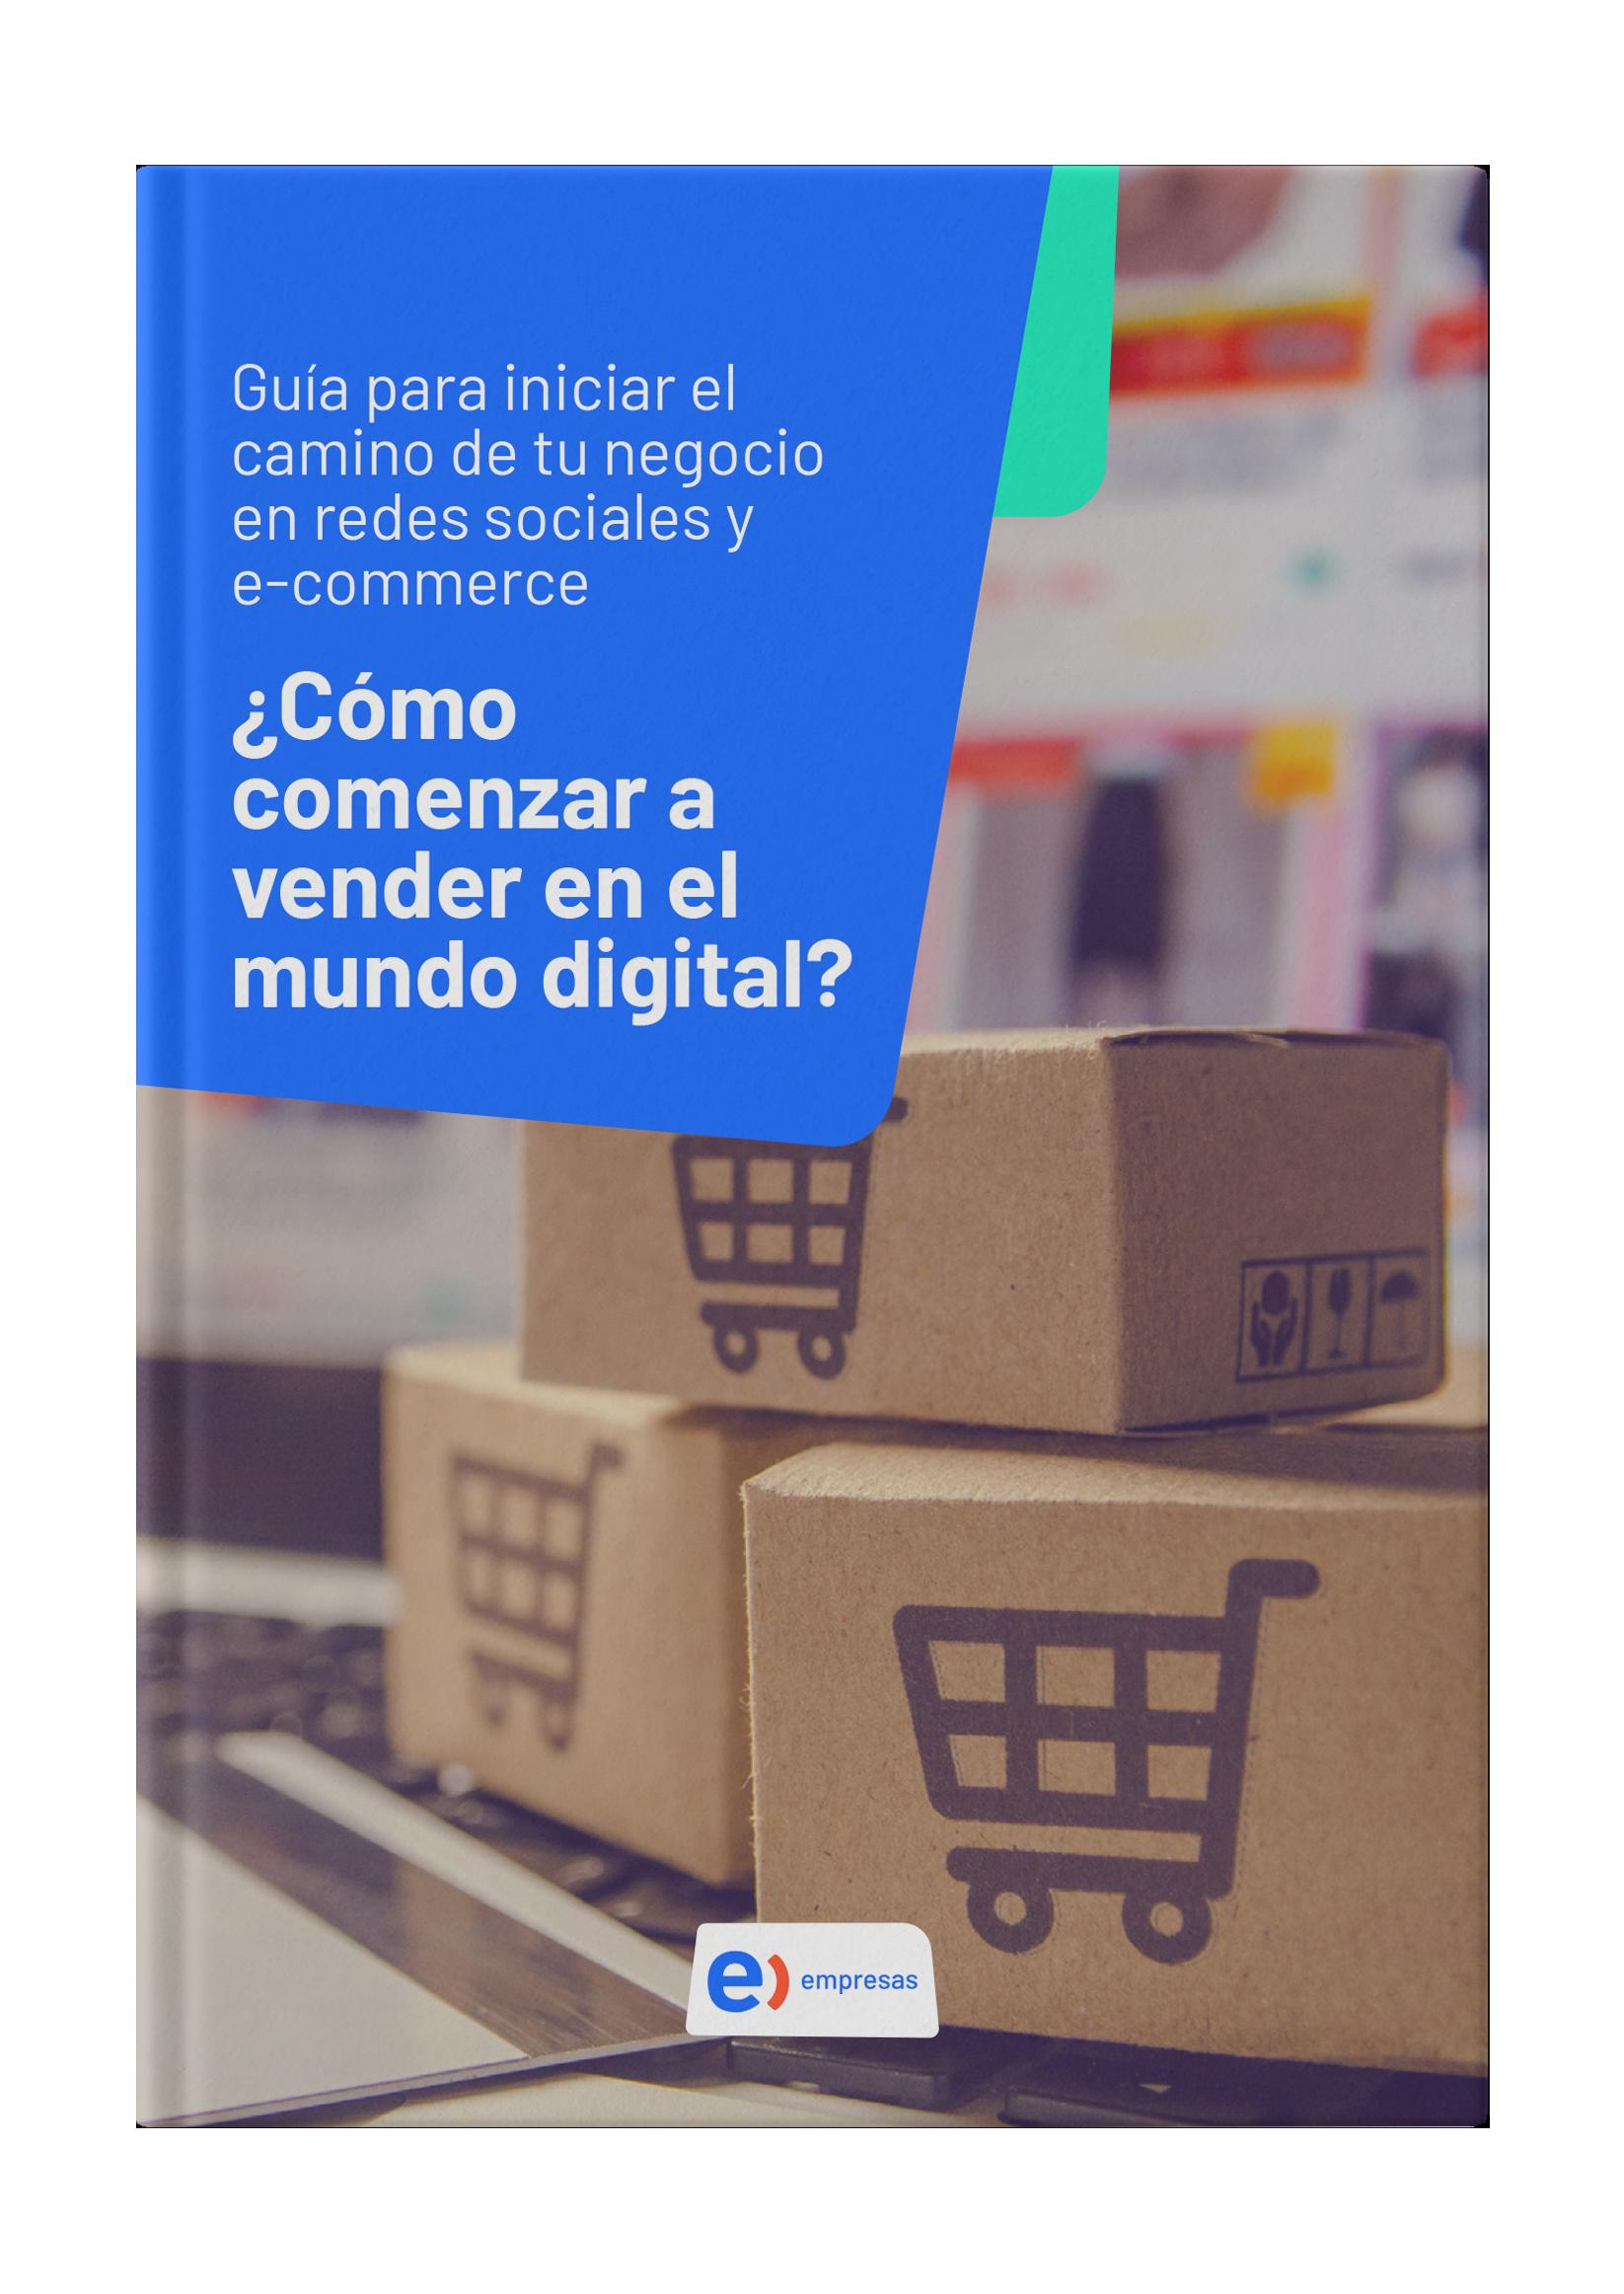 ¿Cómo comenzar a vender en el mundo digital_